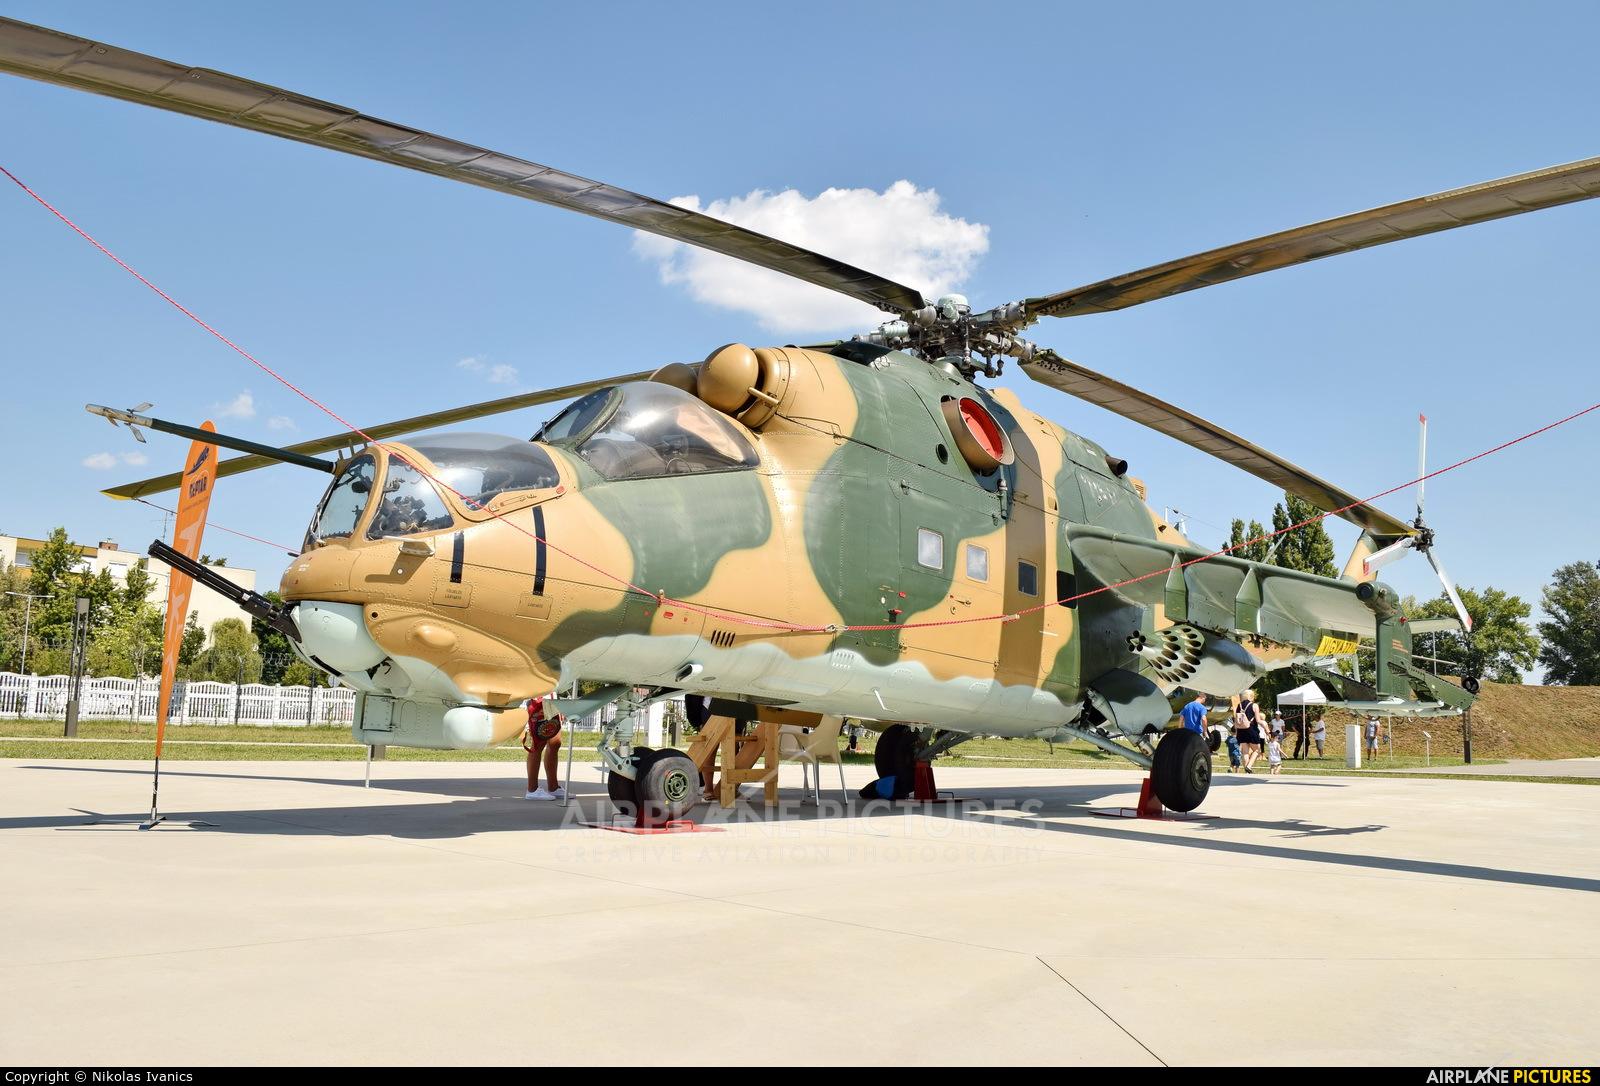 Hungary - Air Force 114 aircraft at Szolnok